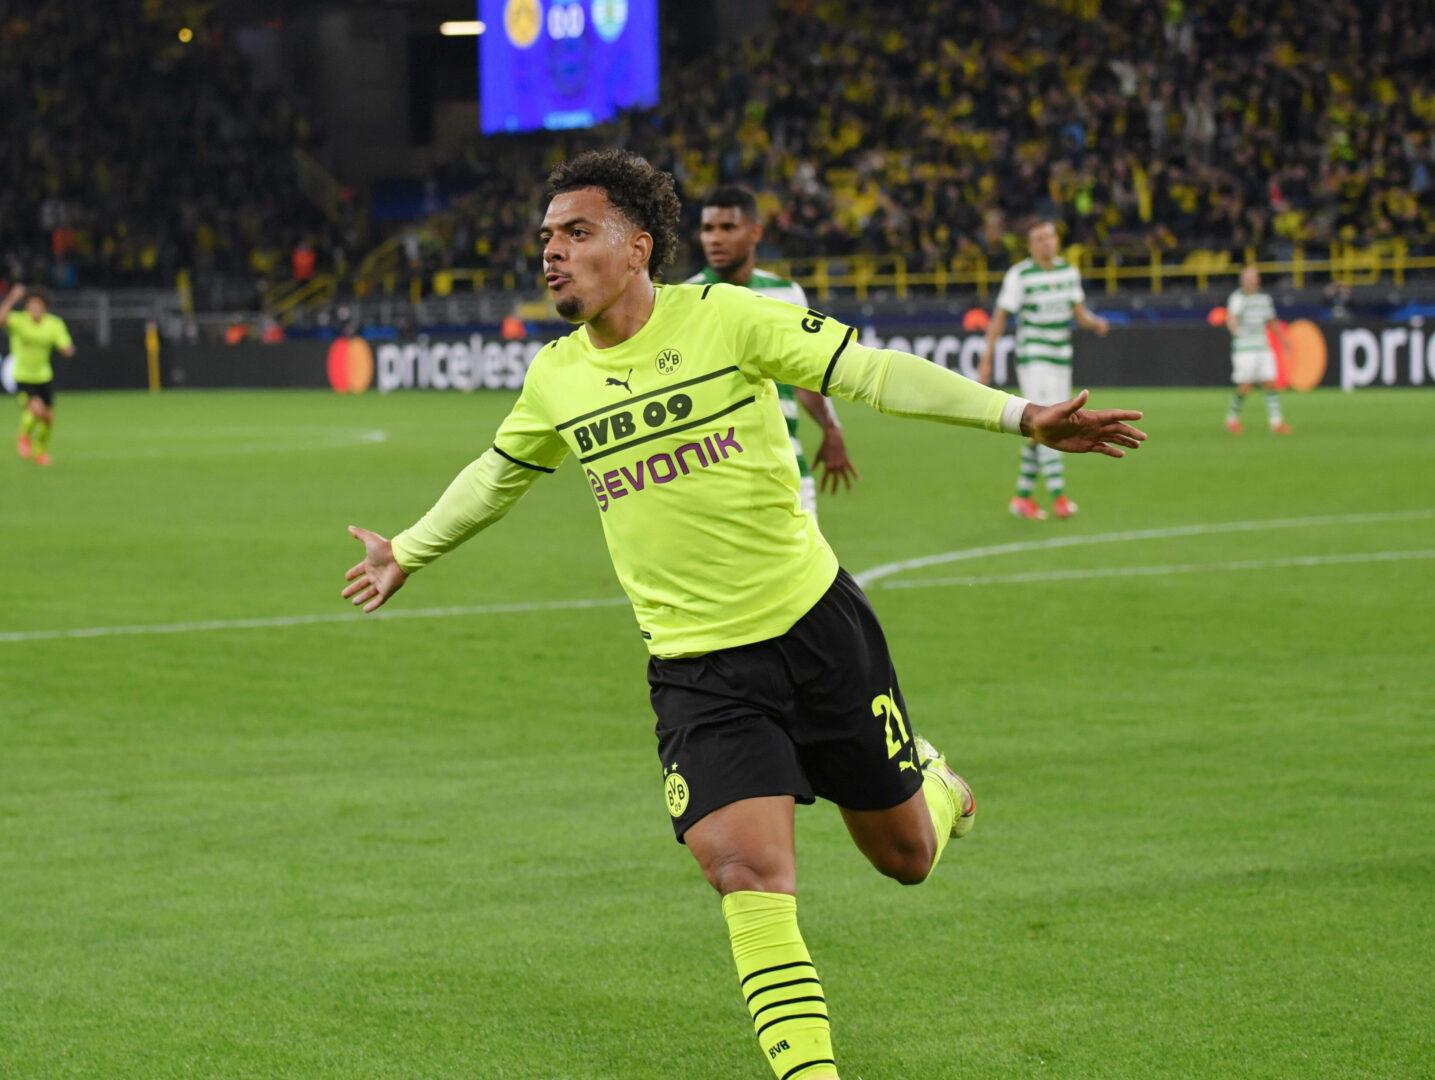 BVB siegt gegen Sporting - Malen jubelt